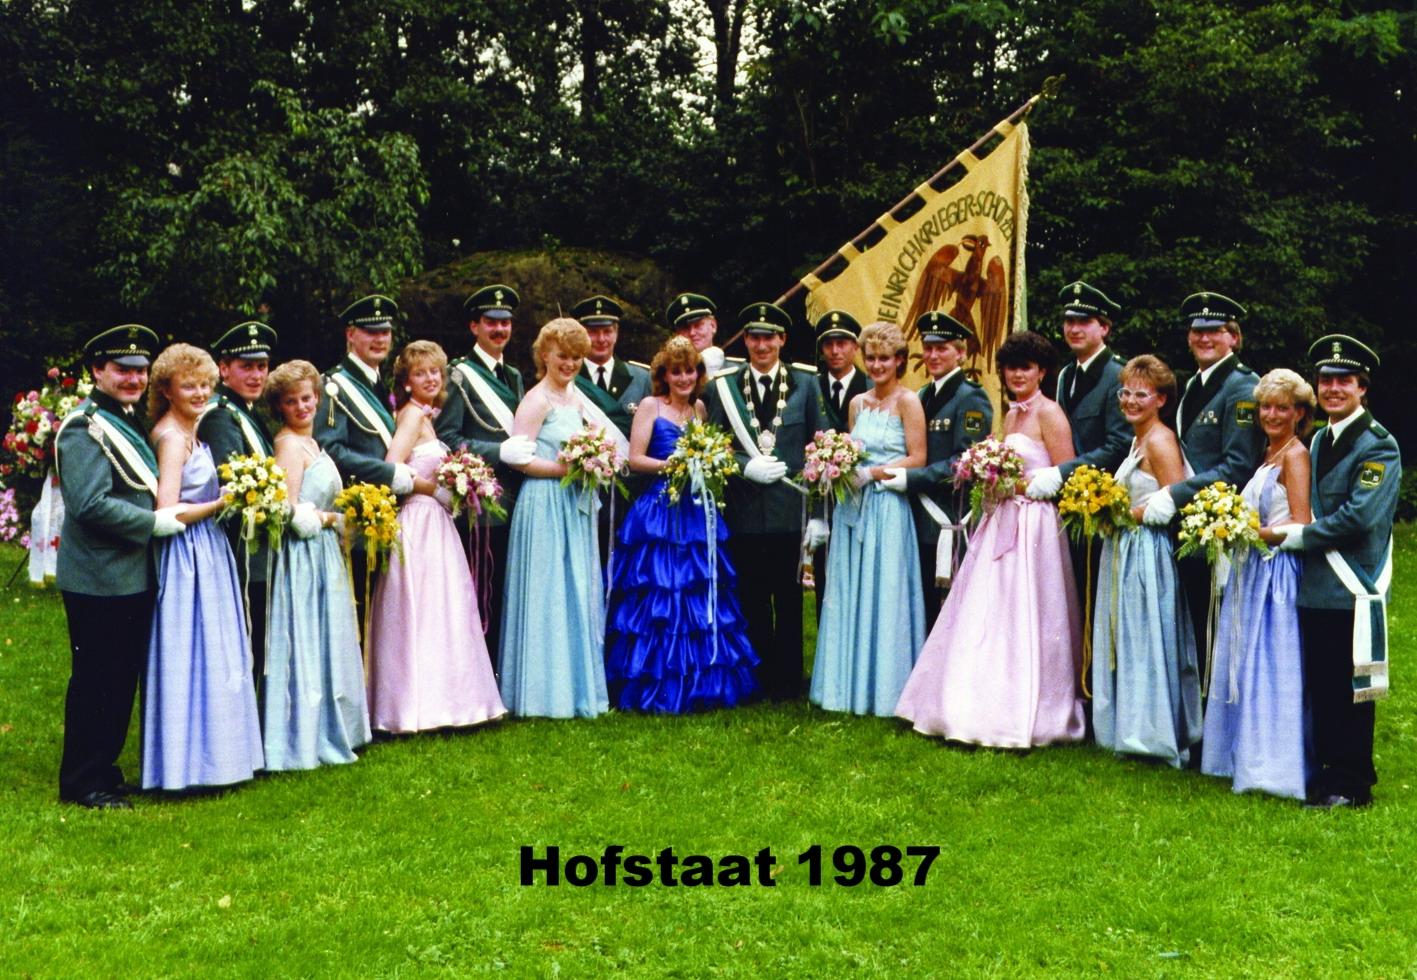 Hofstaat 1987 Niggemeier 30 Jahre